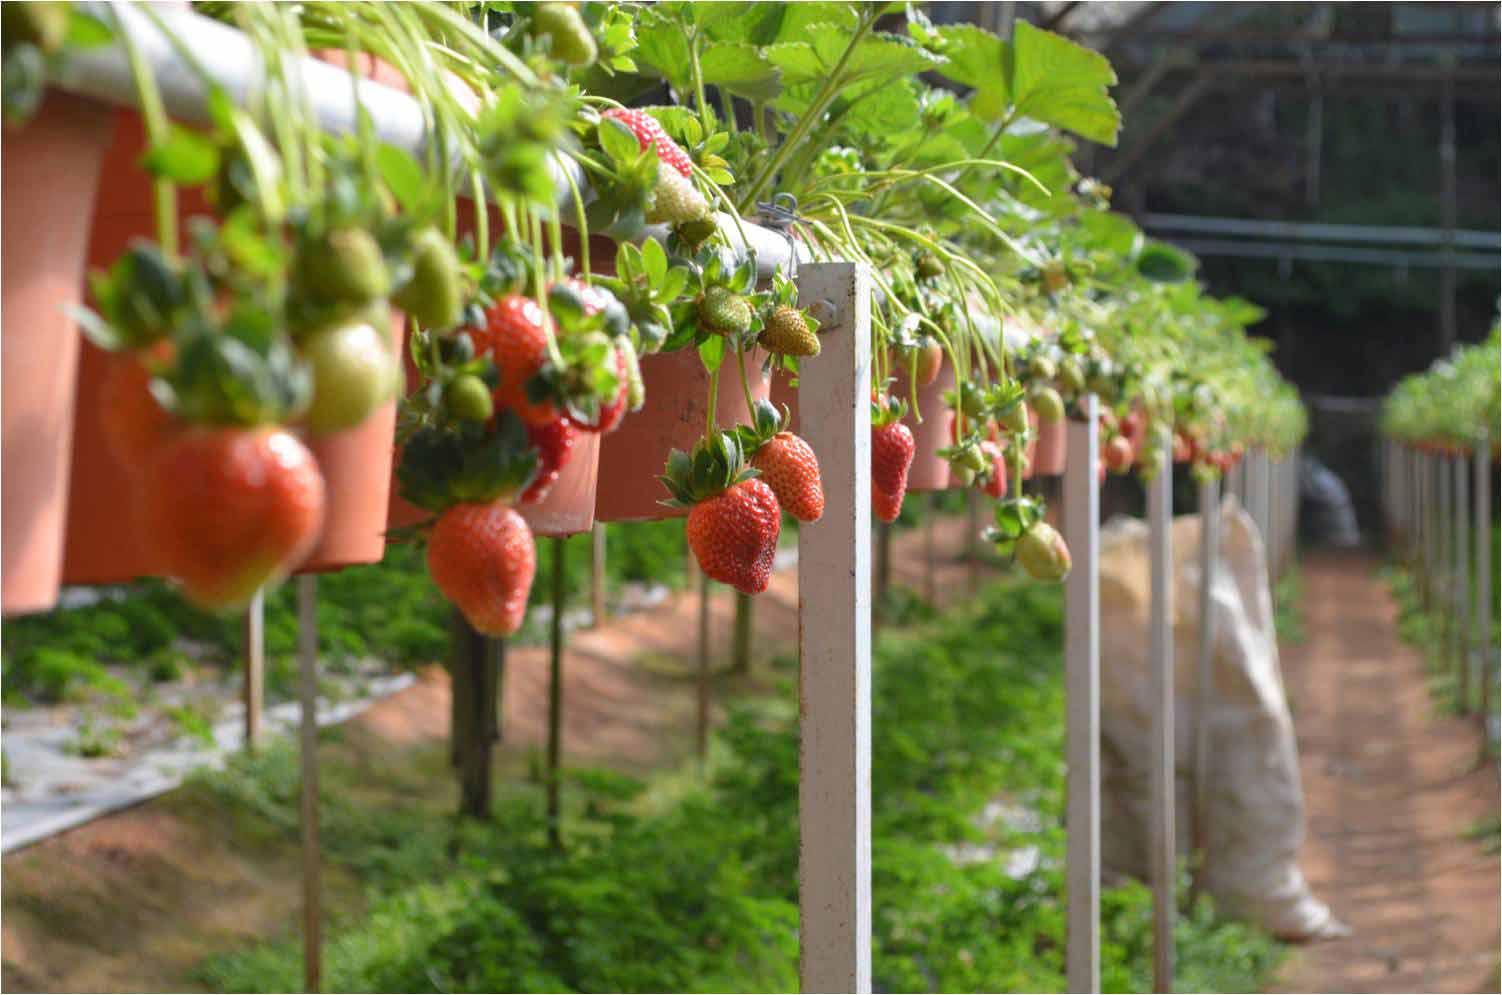 مزارع الفراولة في كاميرون هايلاند - السياحة في كاميرون هايلاند